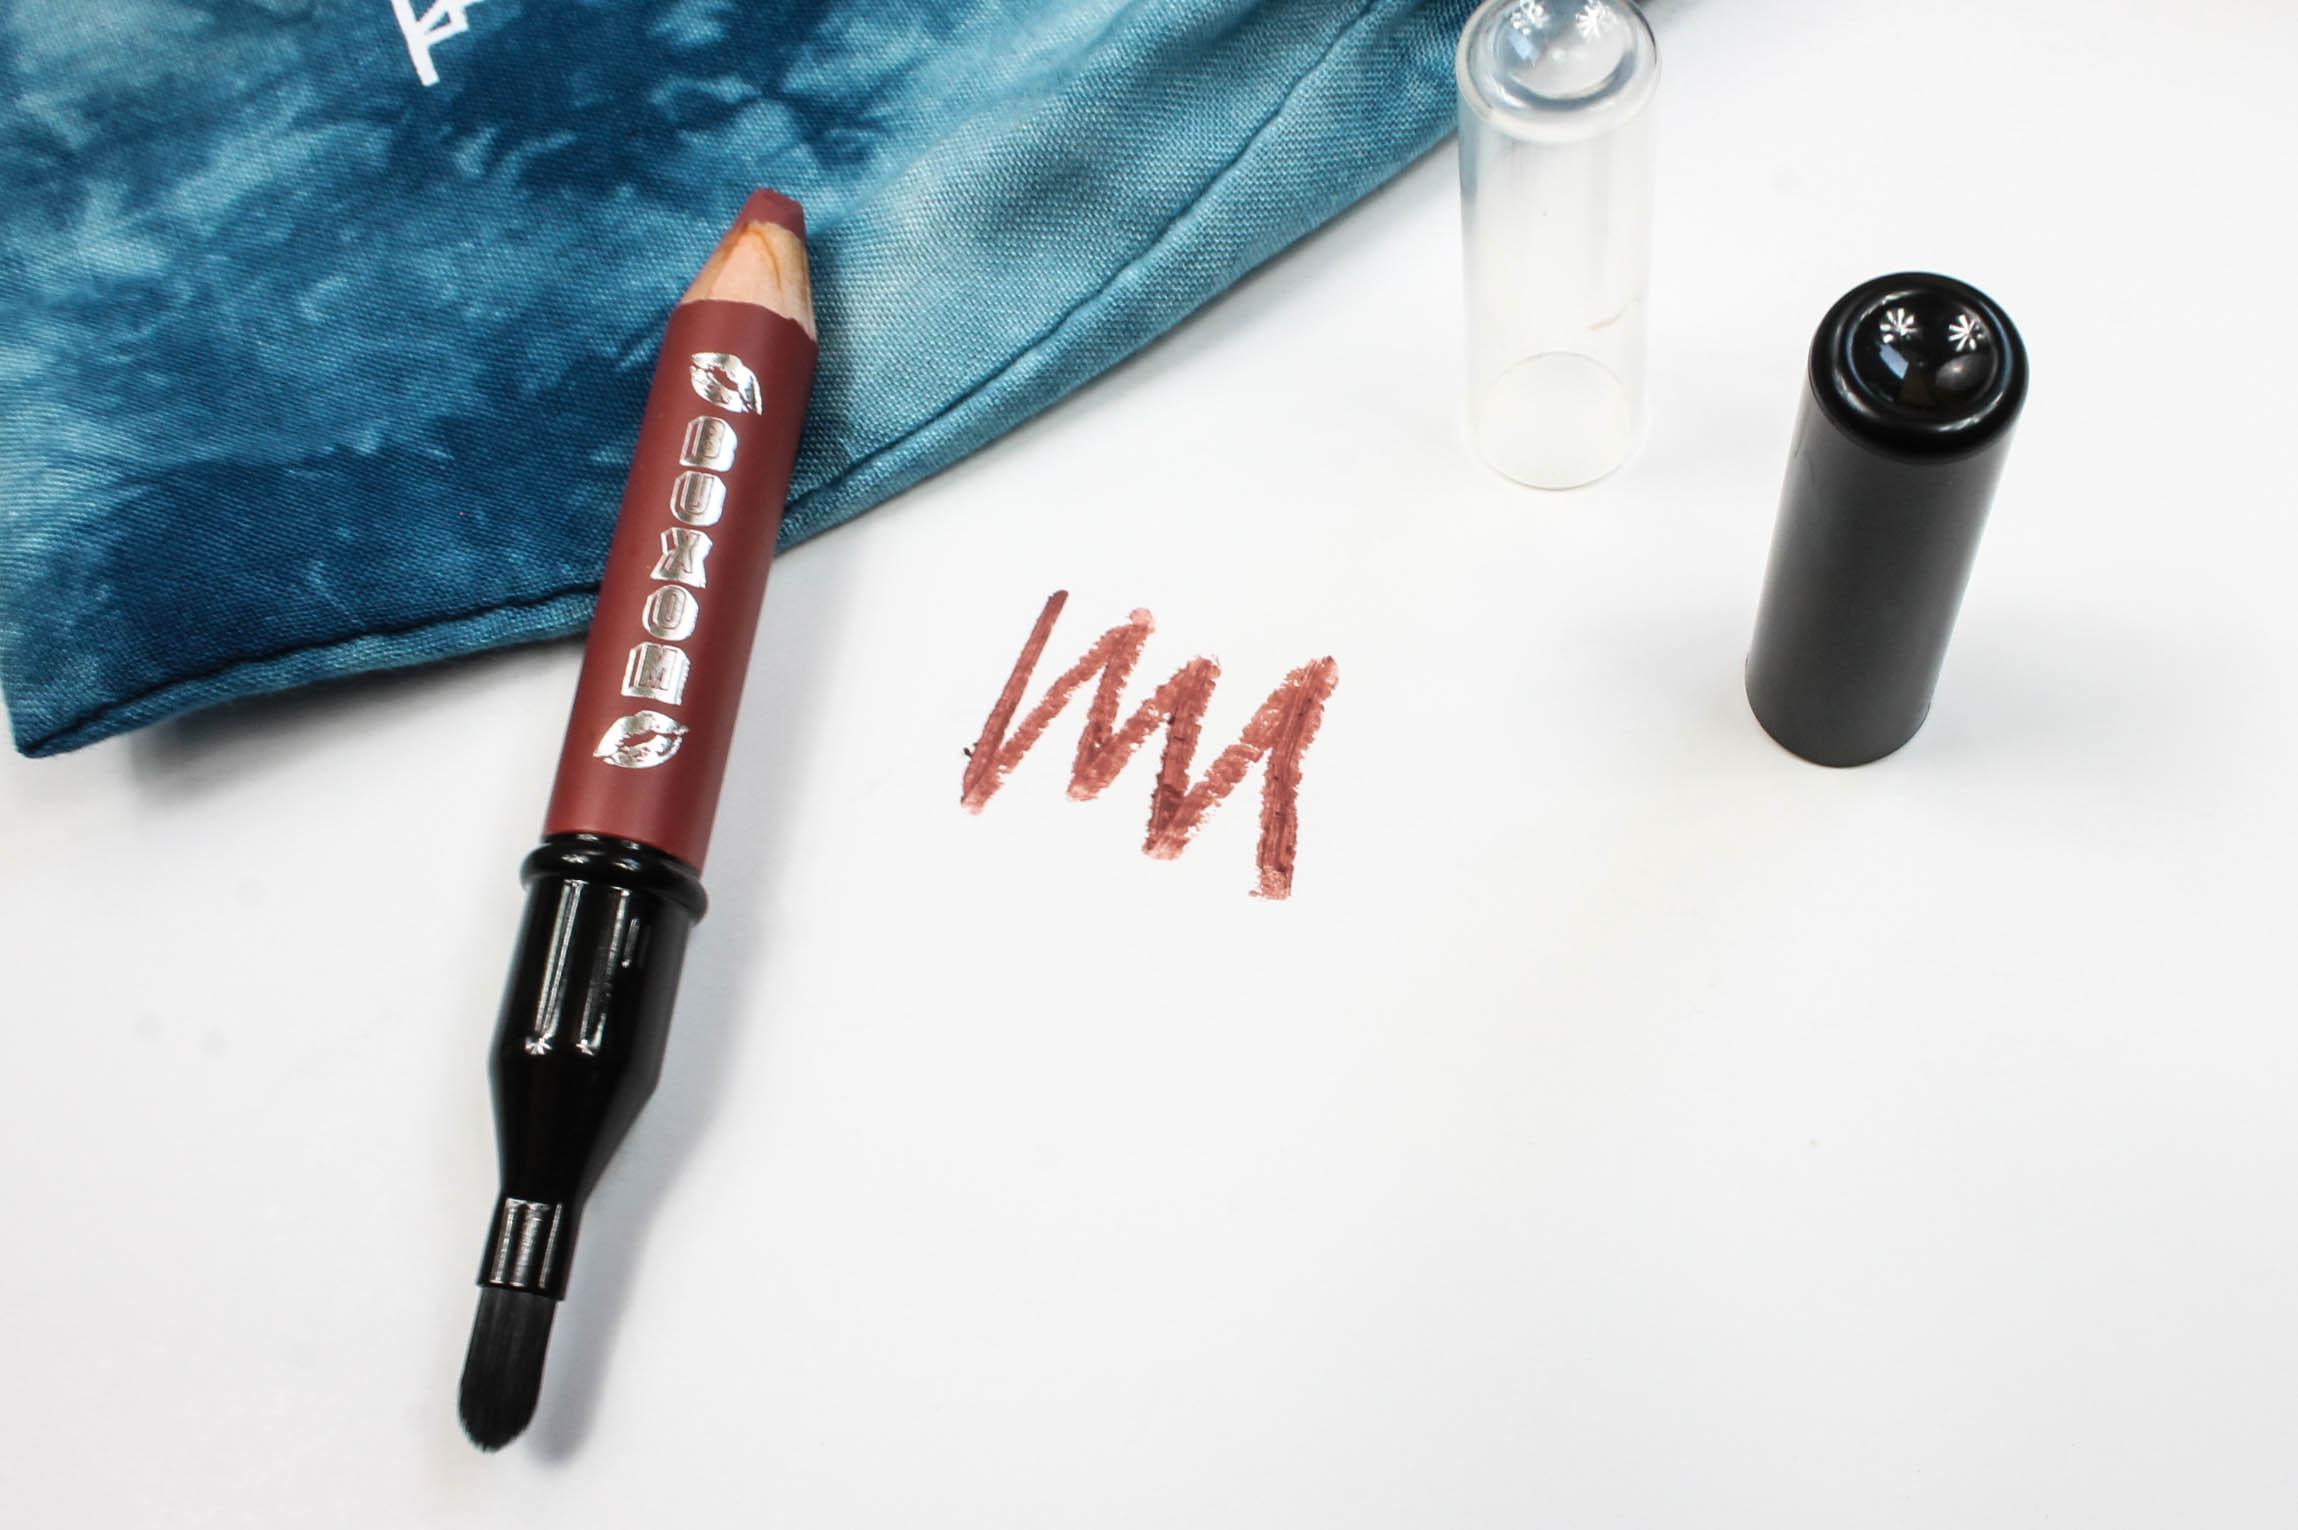 Buxom - Plumpline Lip Liner in Hush Hush ($17 for full-size at  Sephora )